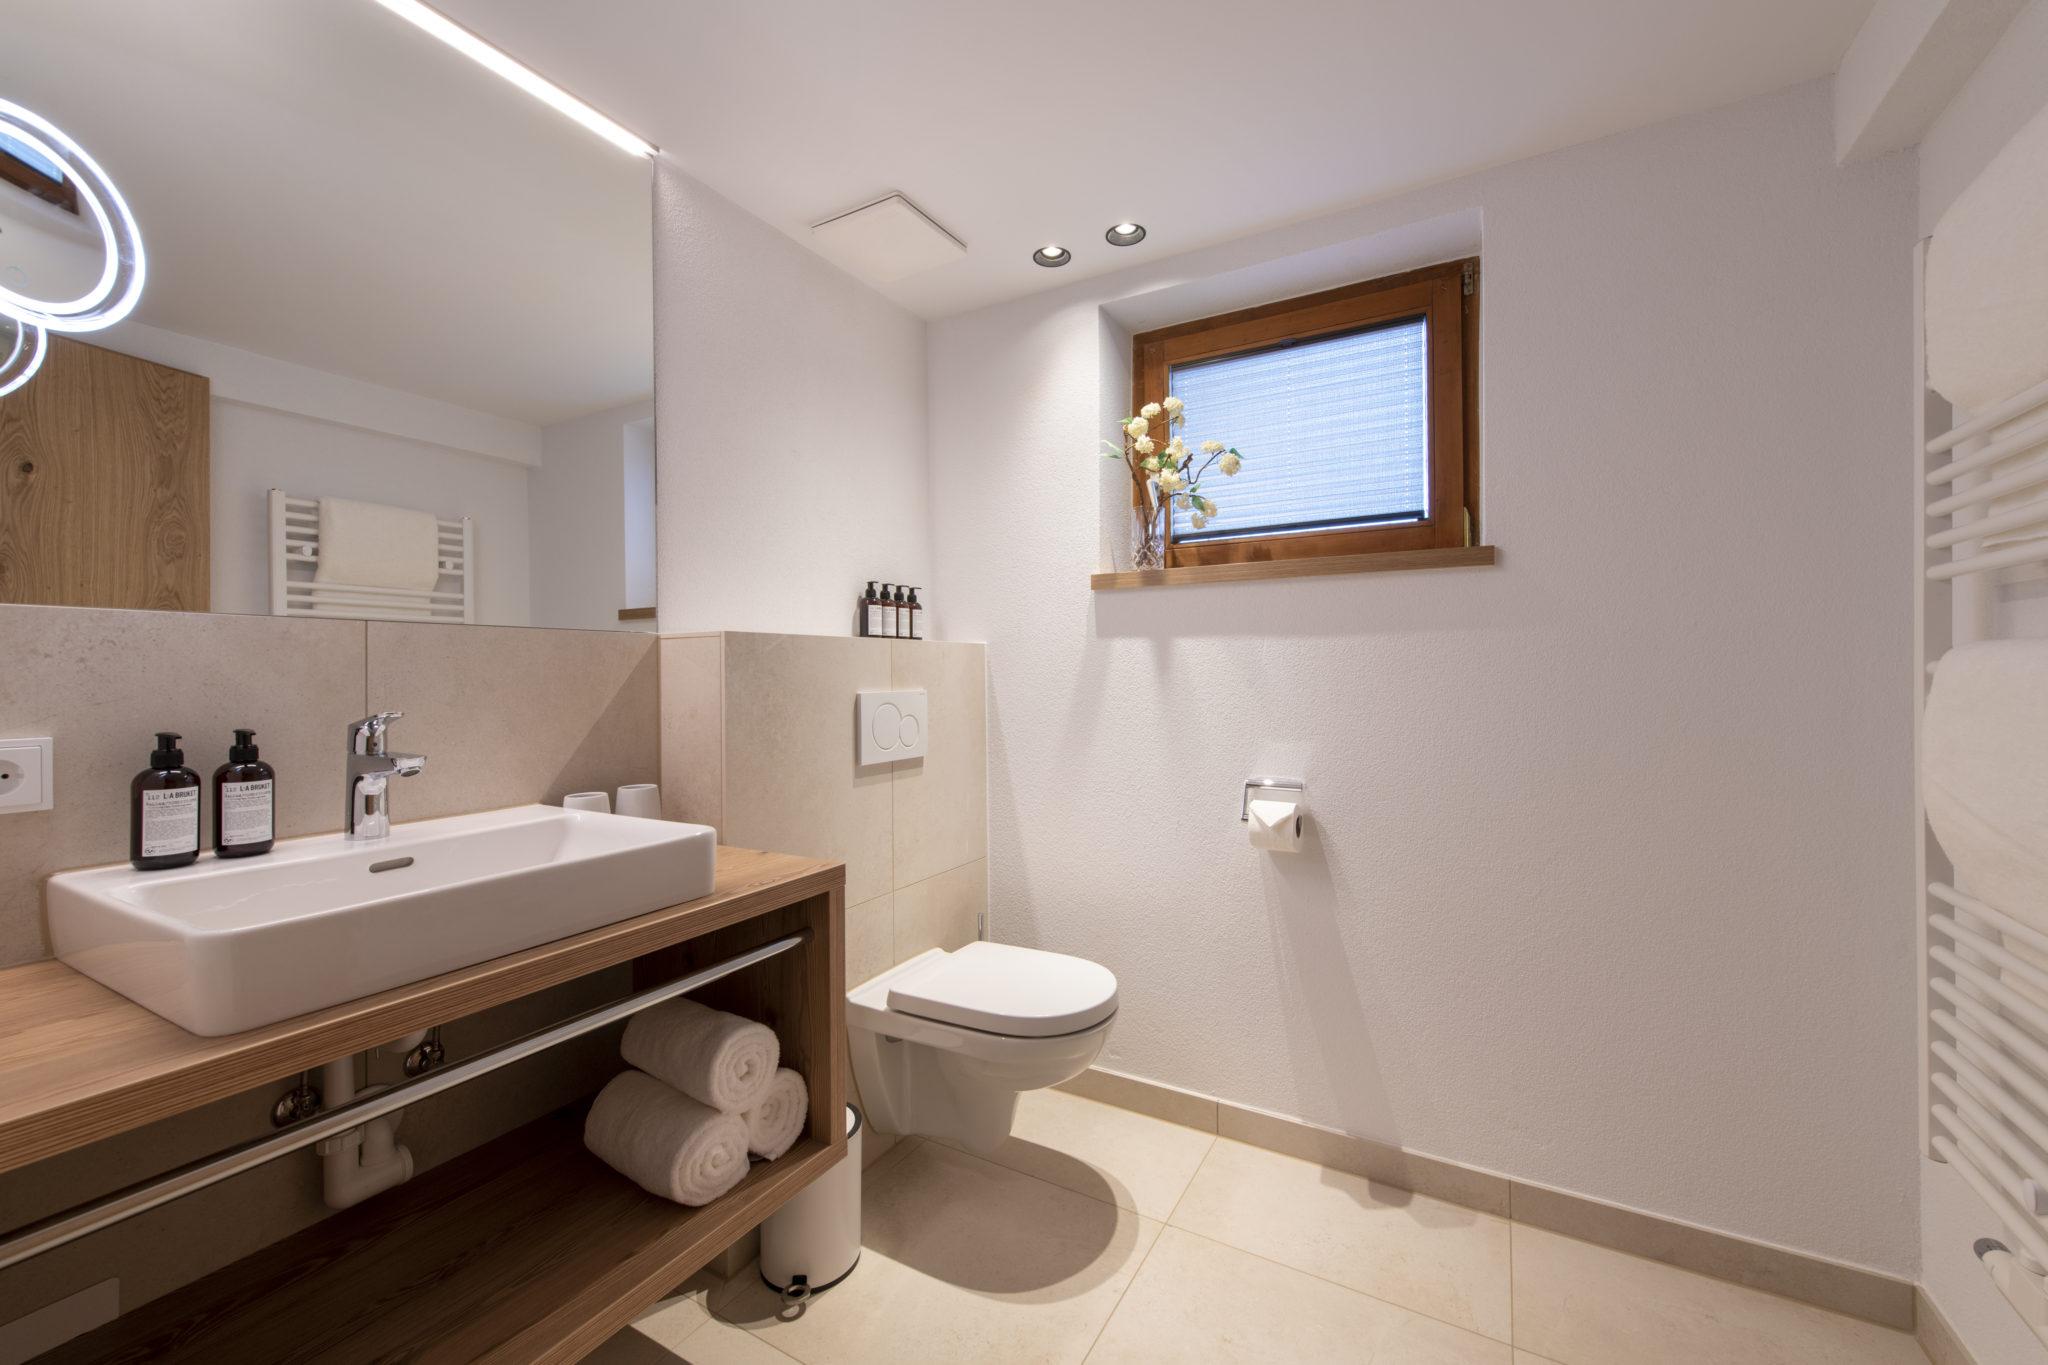 bhlhof-penthouse-11405-scaled